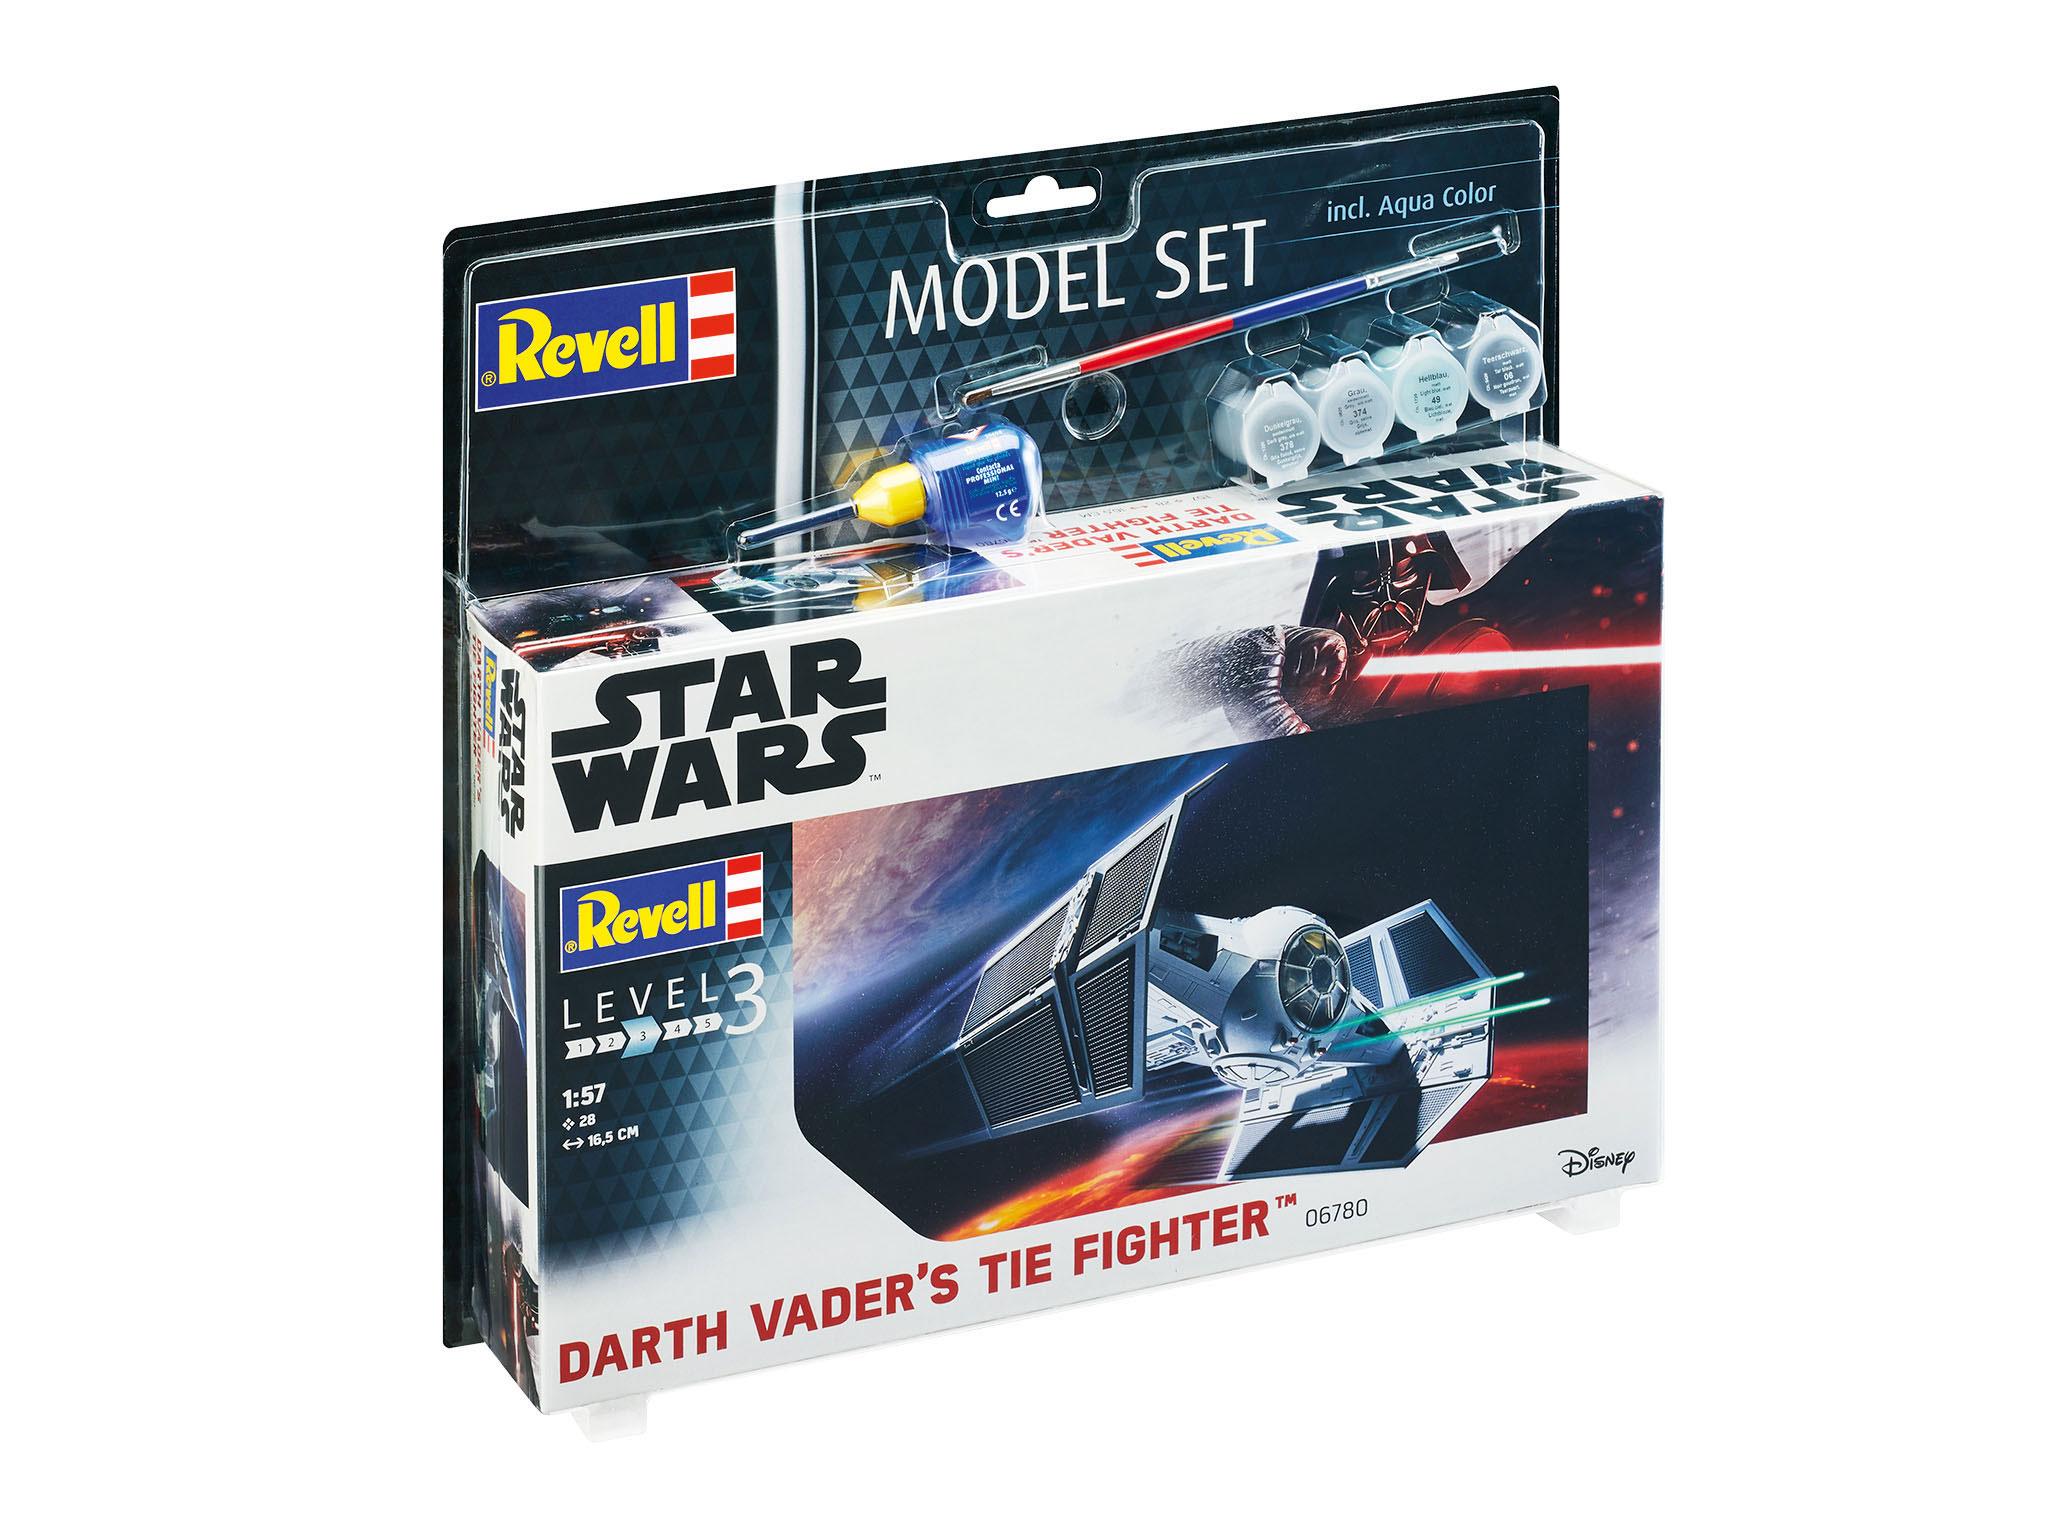 Modell Darth Vader's TIE Fighter